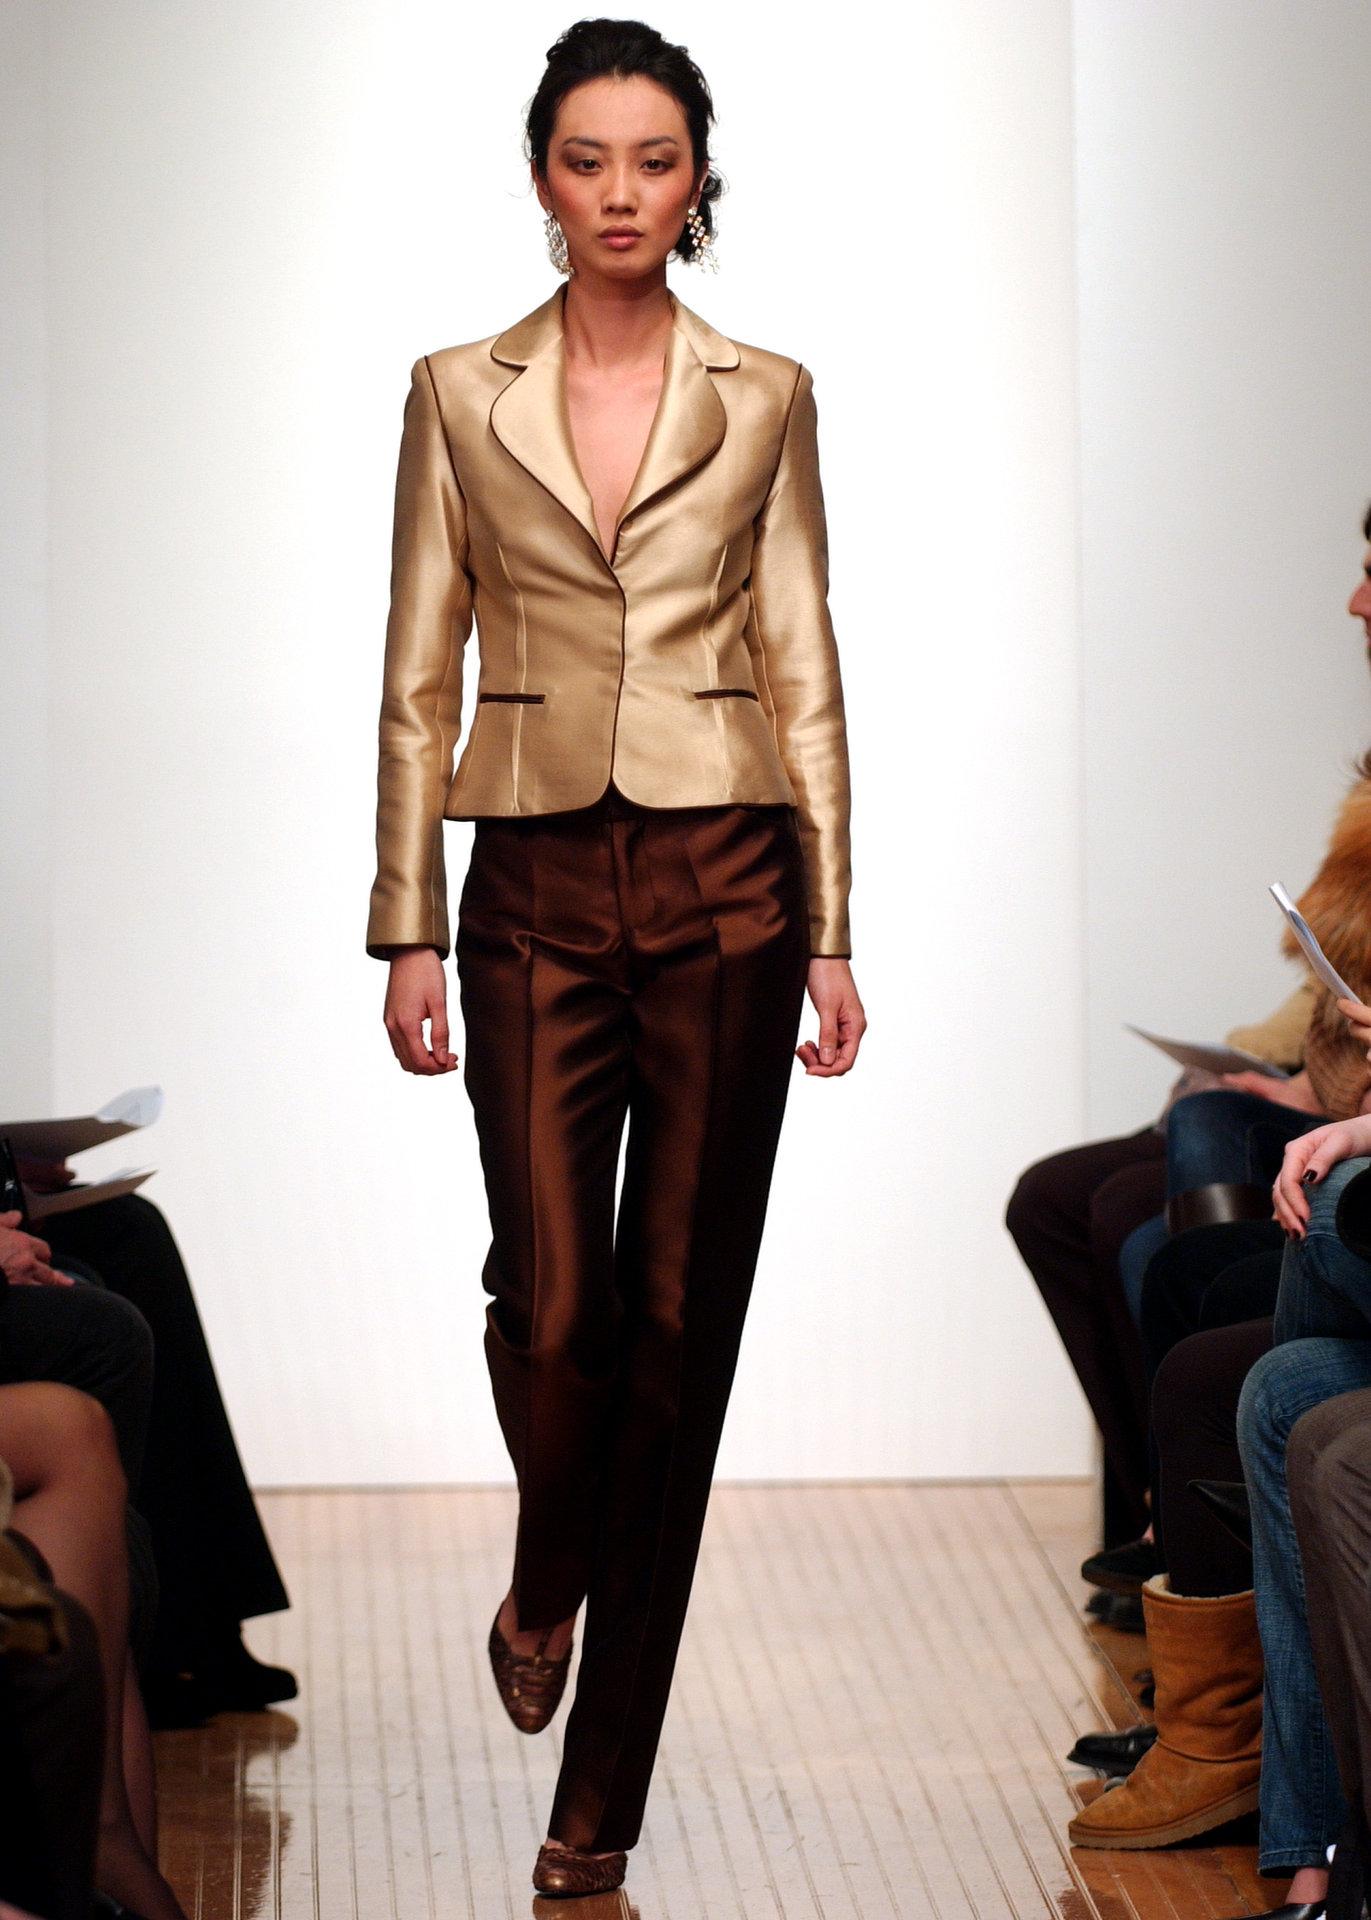 4CHOI+pant+suit